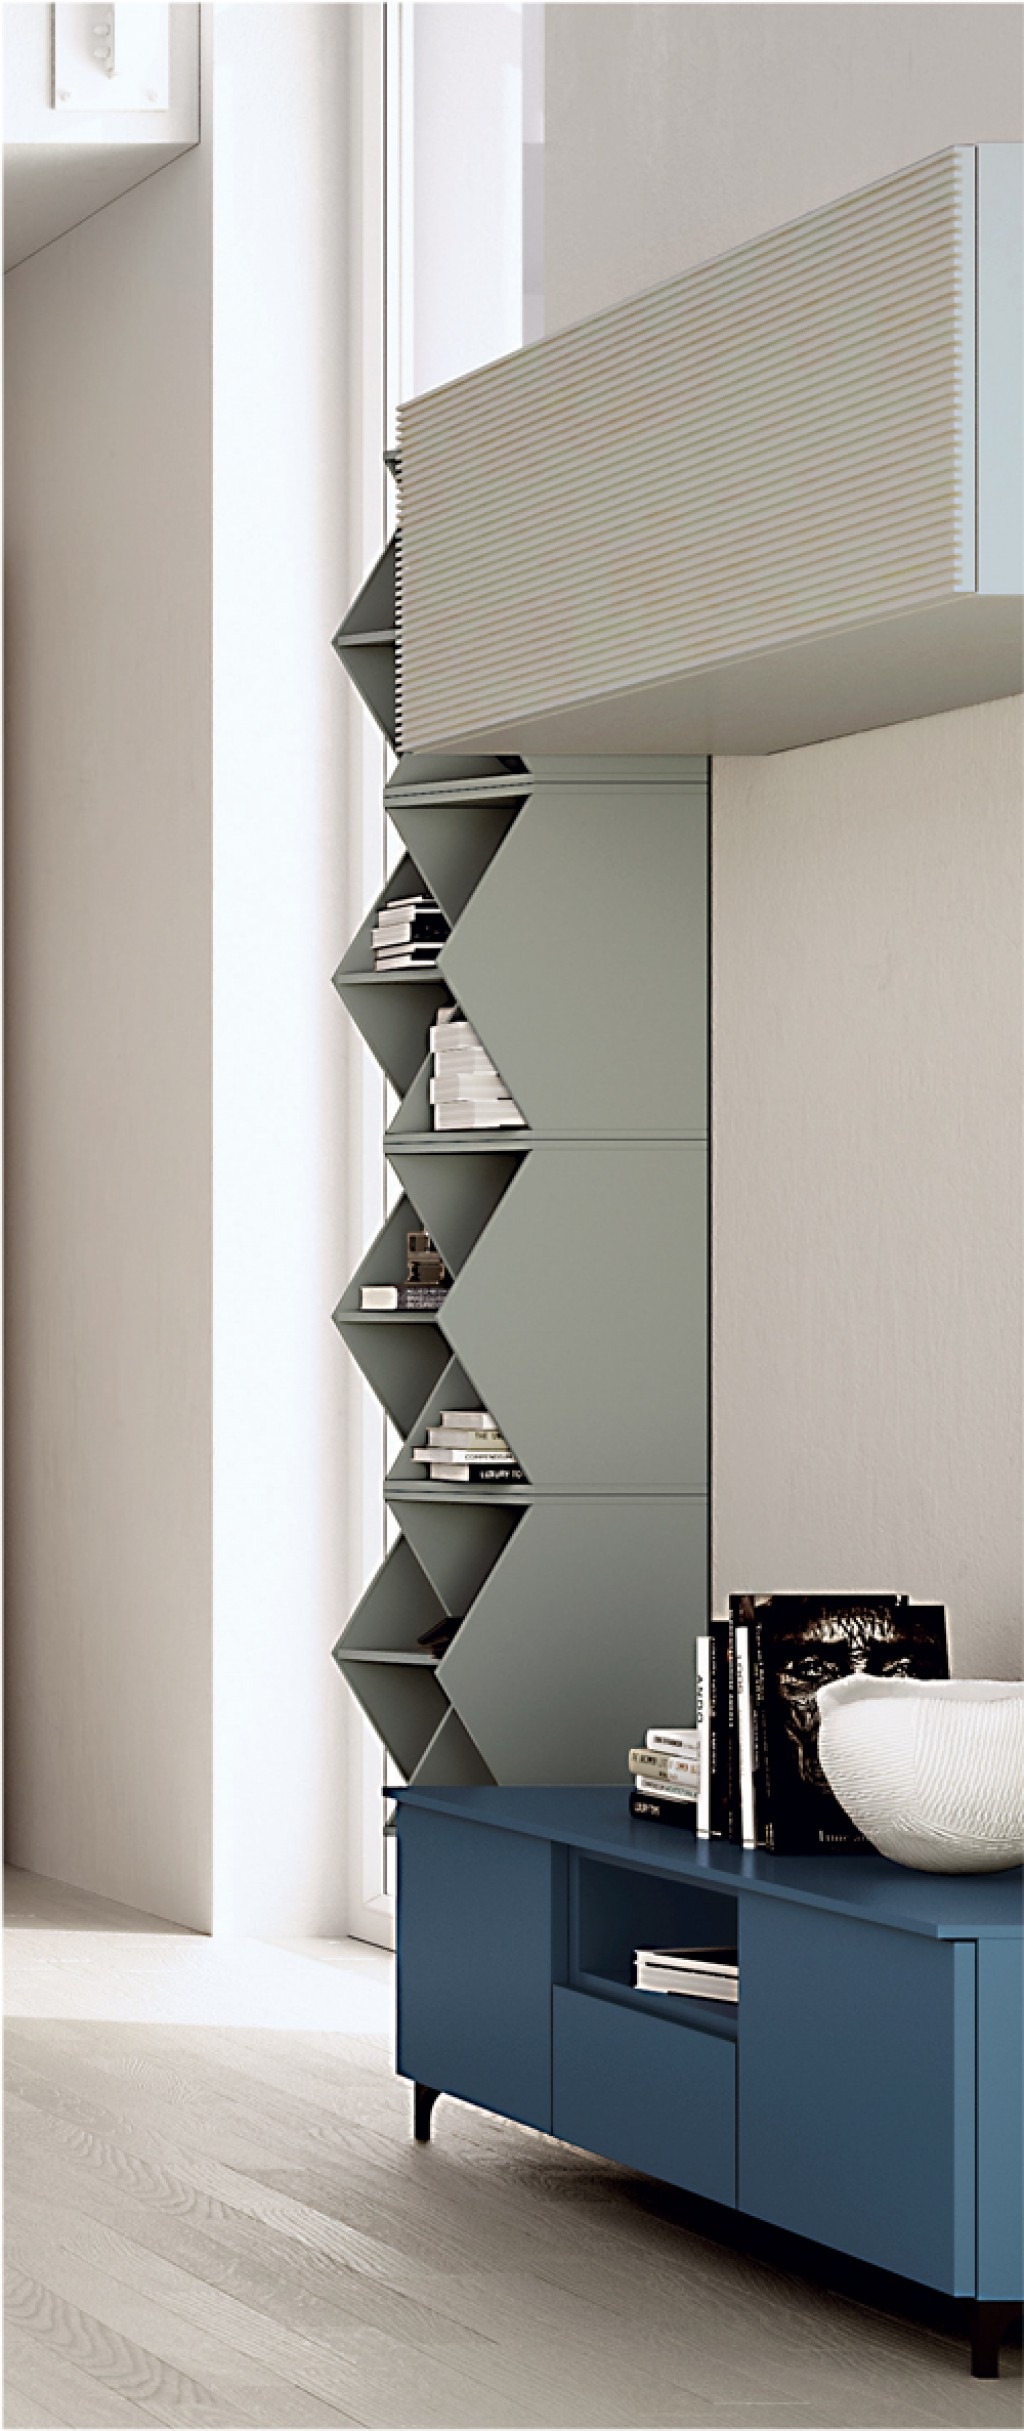 Libreria moderna ig g410 cucine mobili di qualit al for Mobili cucine qualita